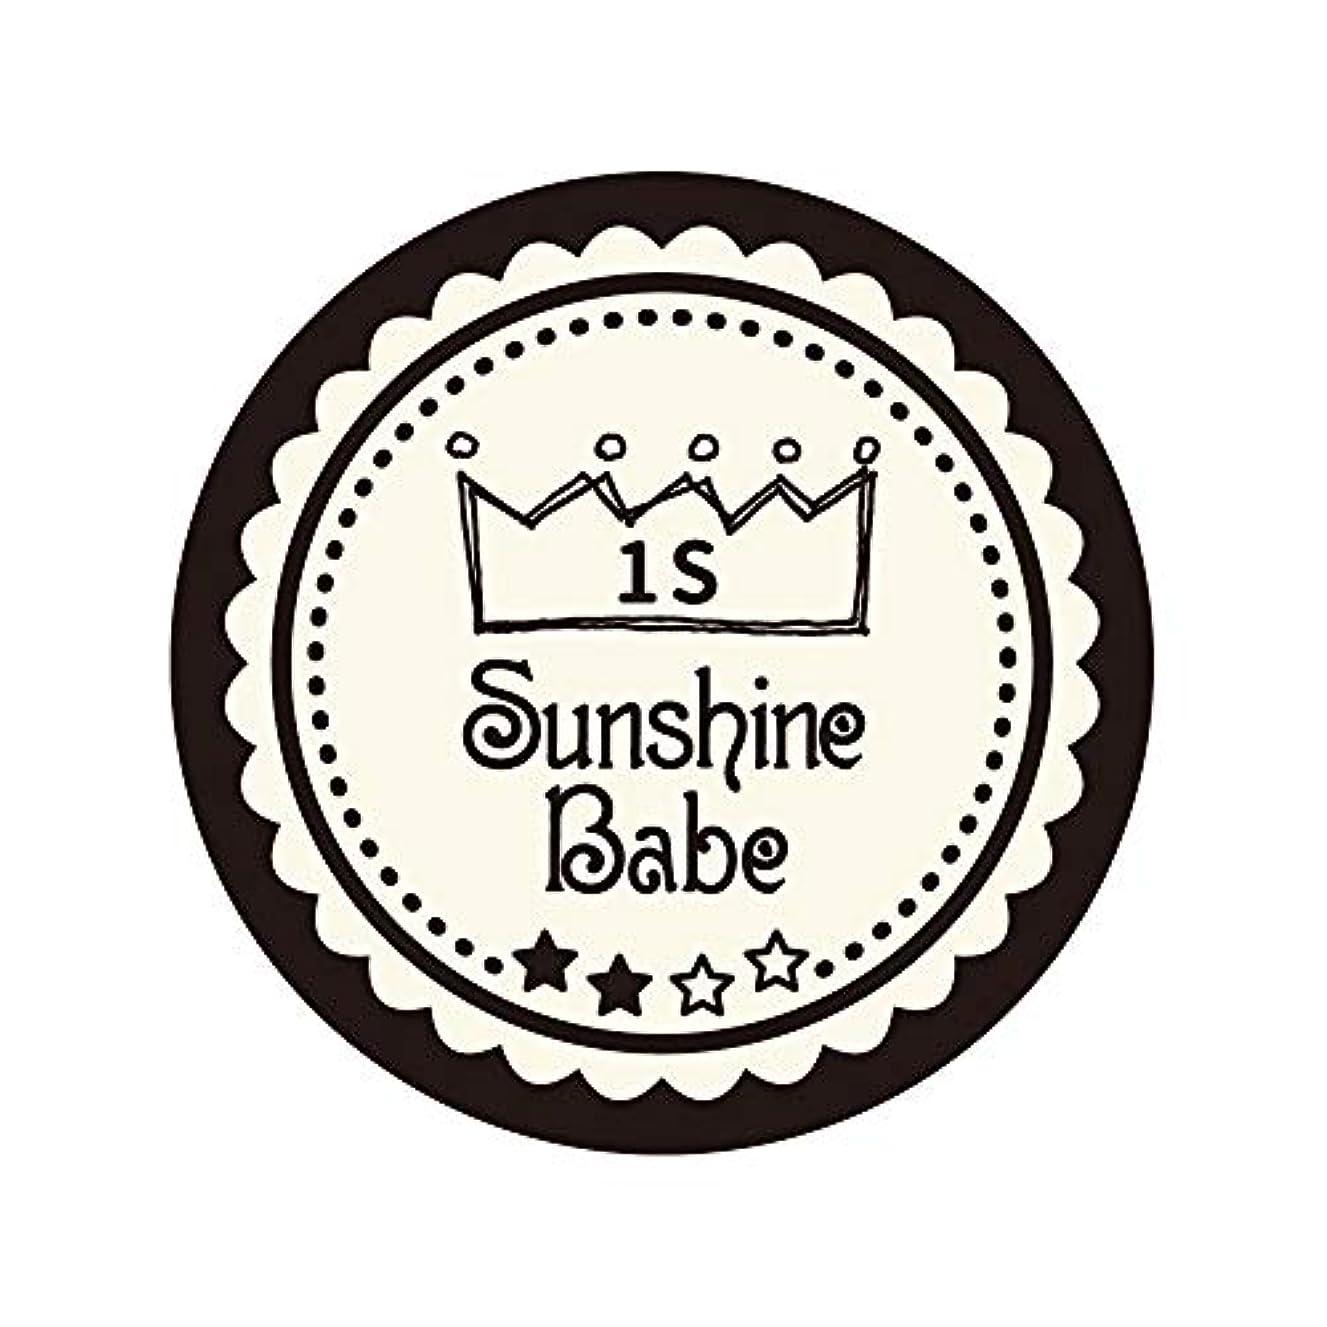 大佐教える敵対的Sunshine Babe カラージェル 1S ココナッツミルク 2.7g UV/LED対応